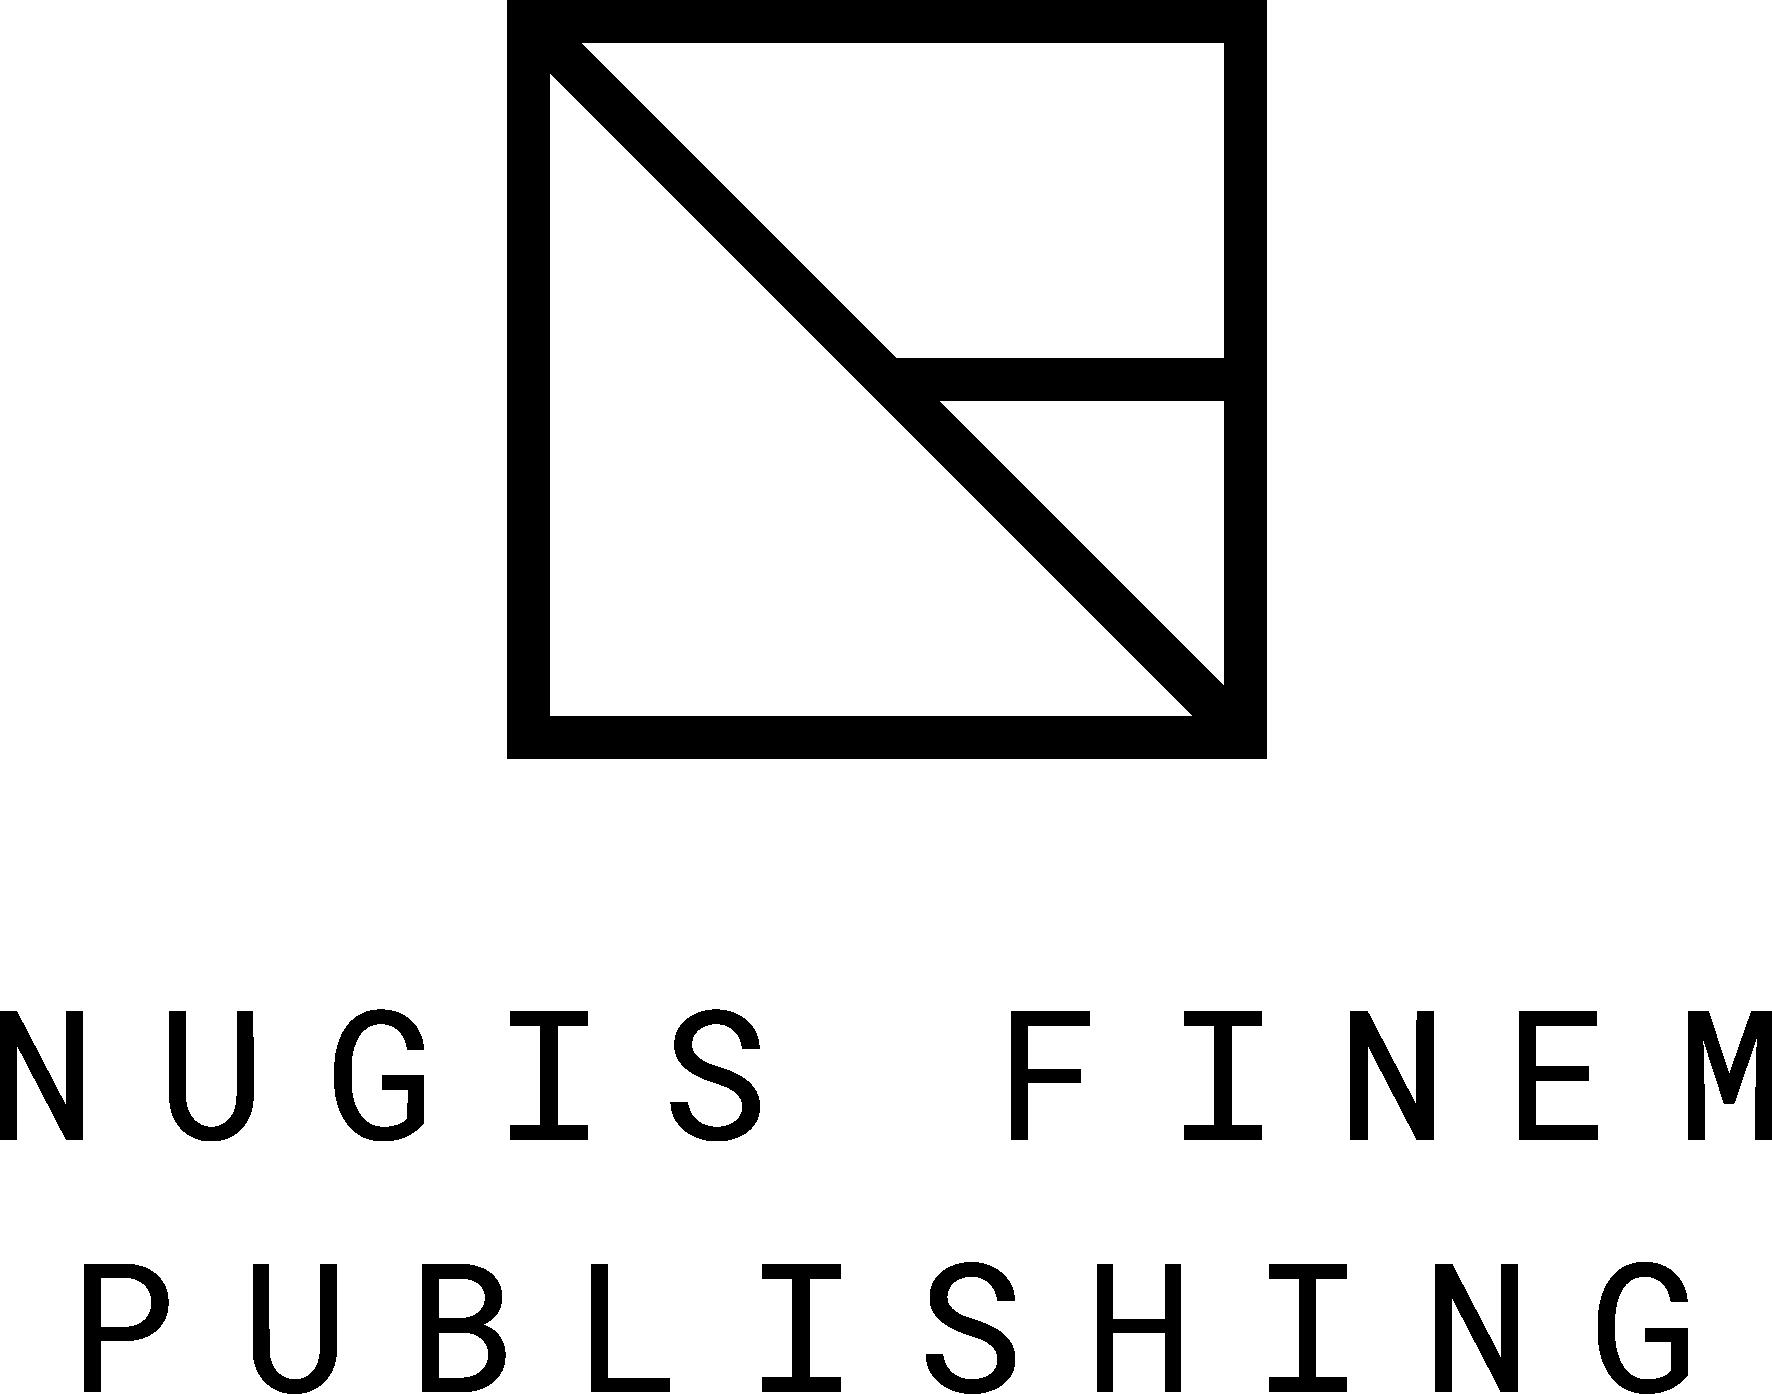 Logo Nugis Finem Publishing